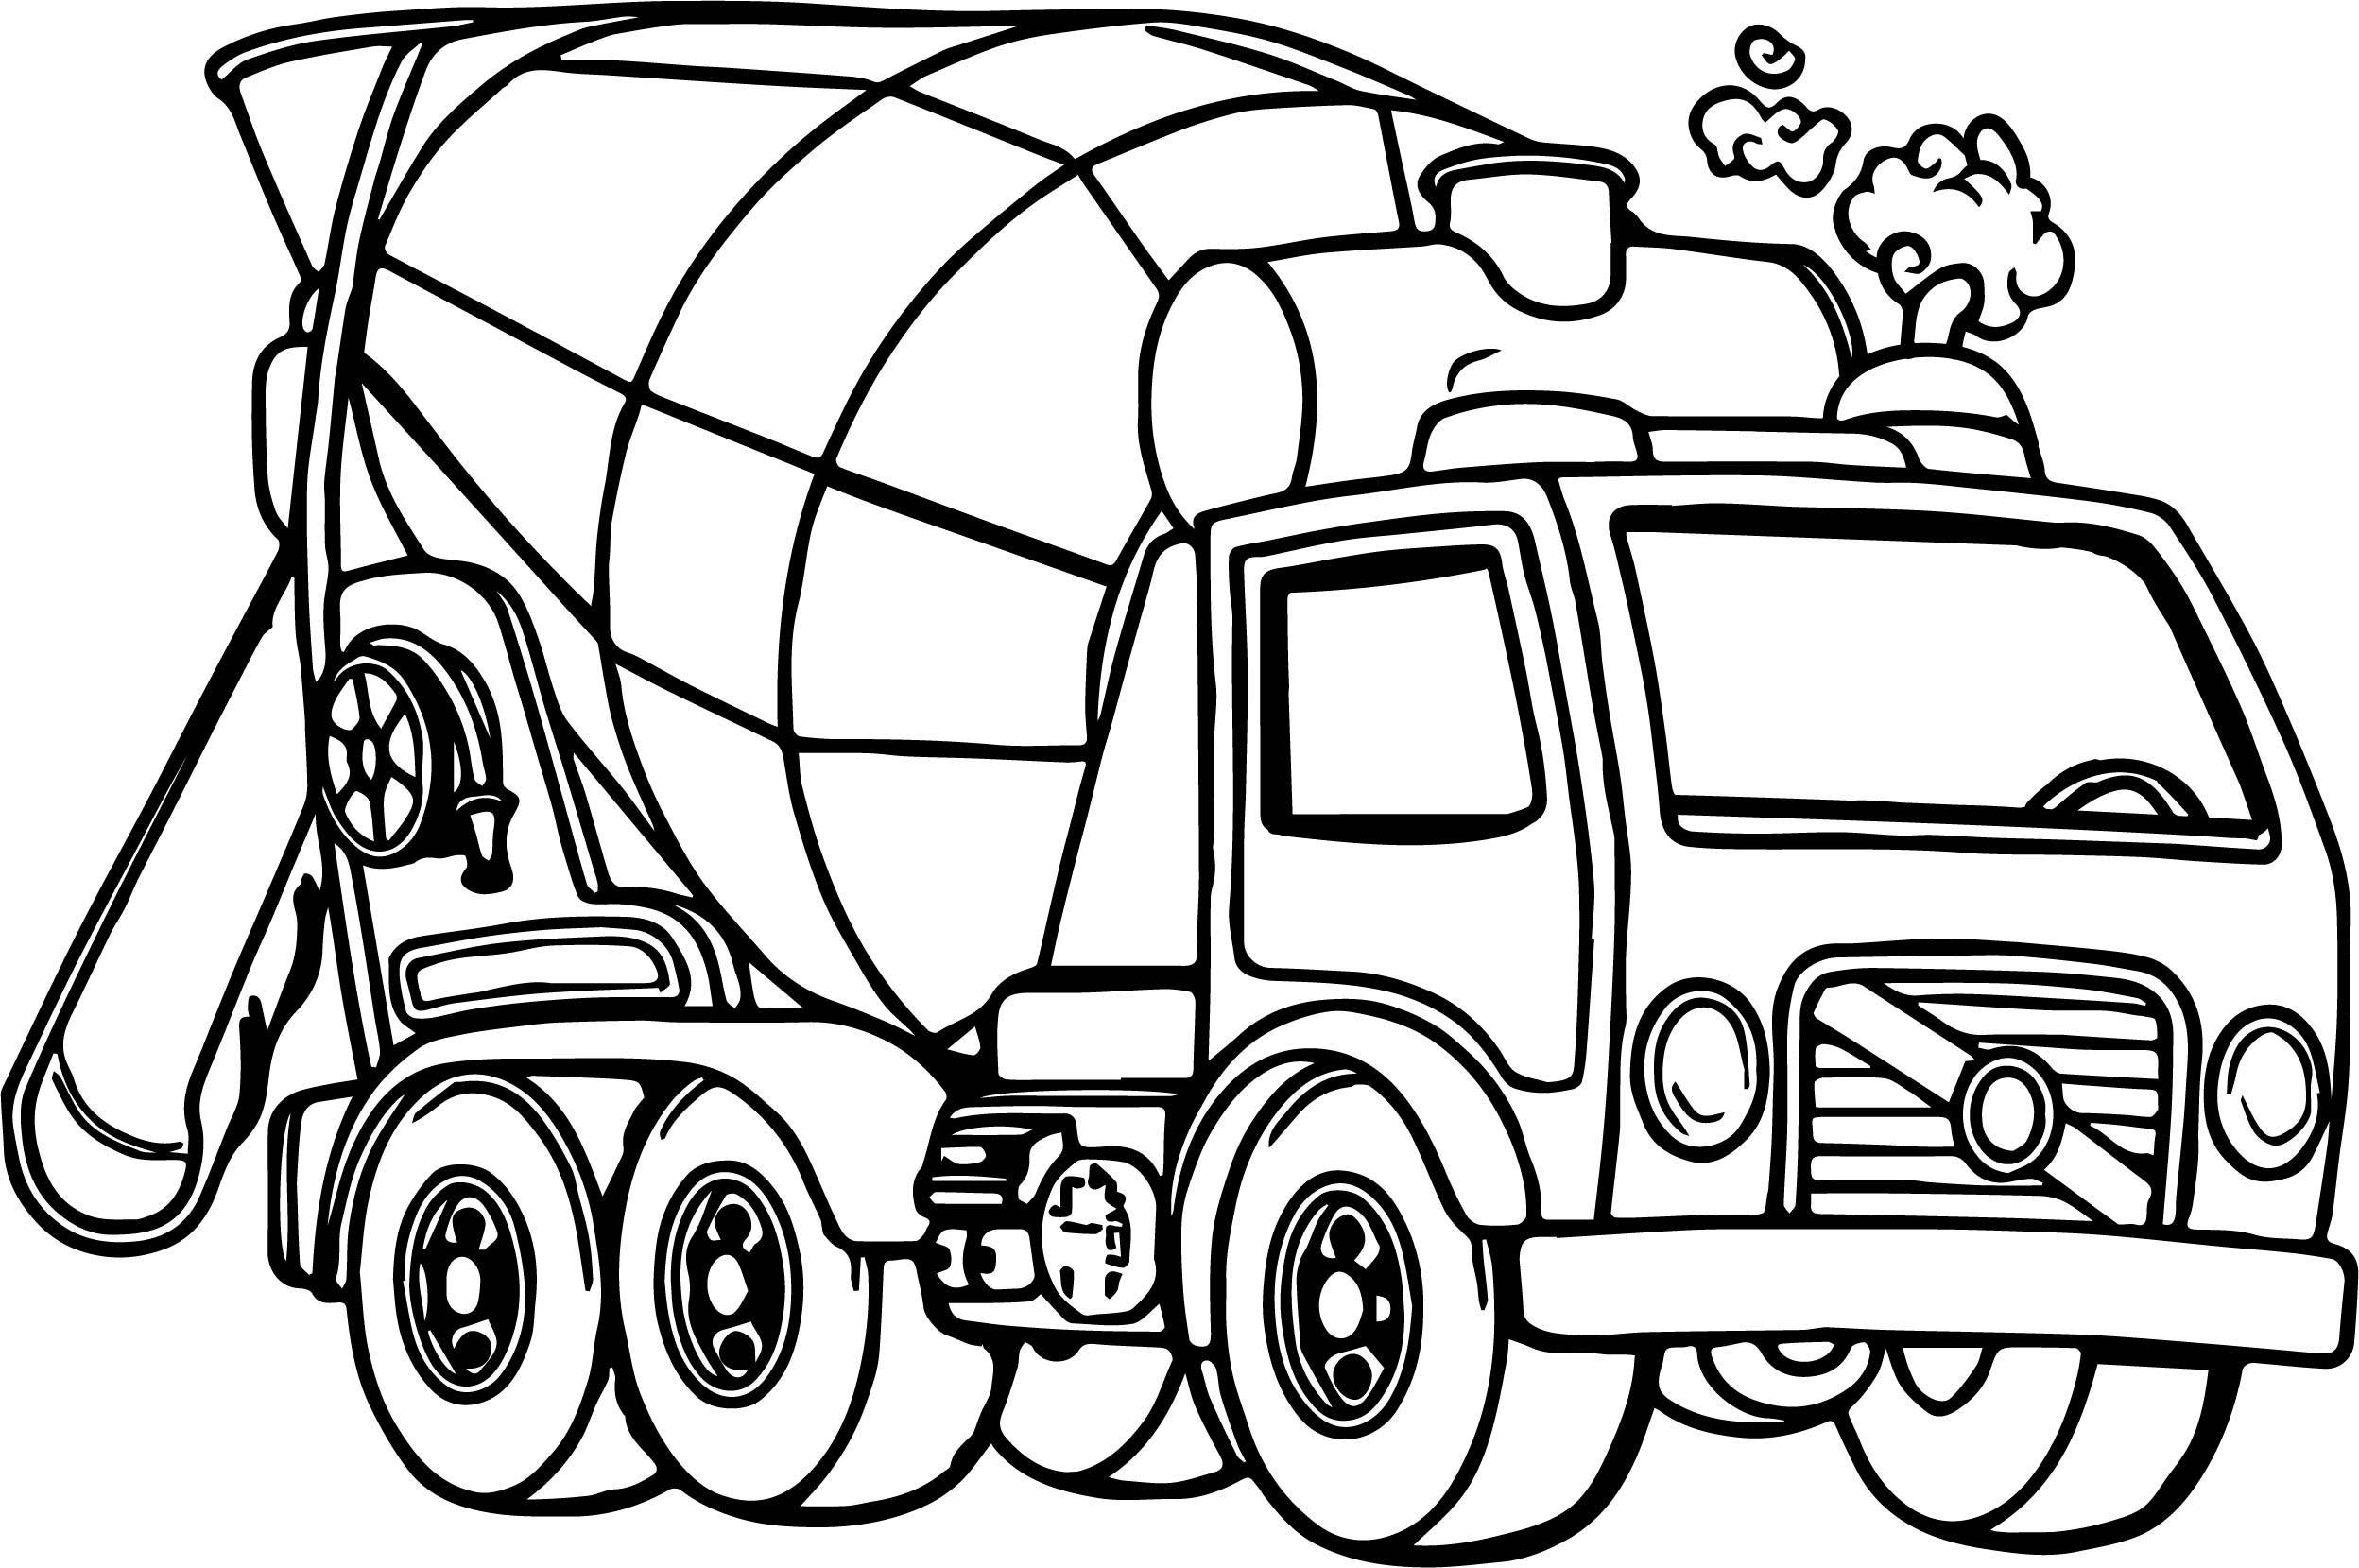 13 Baufahrzeuge-Ideen  baufahrzeuge, fahrzeuge, oldtimer lkw